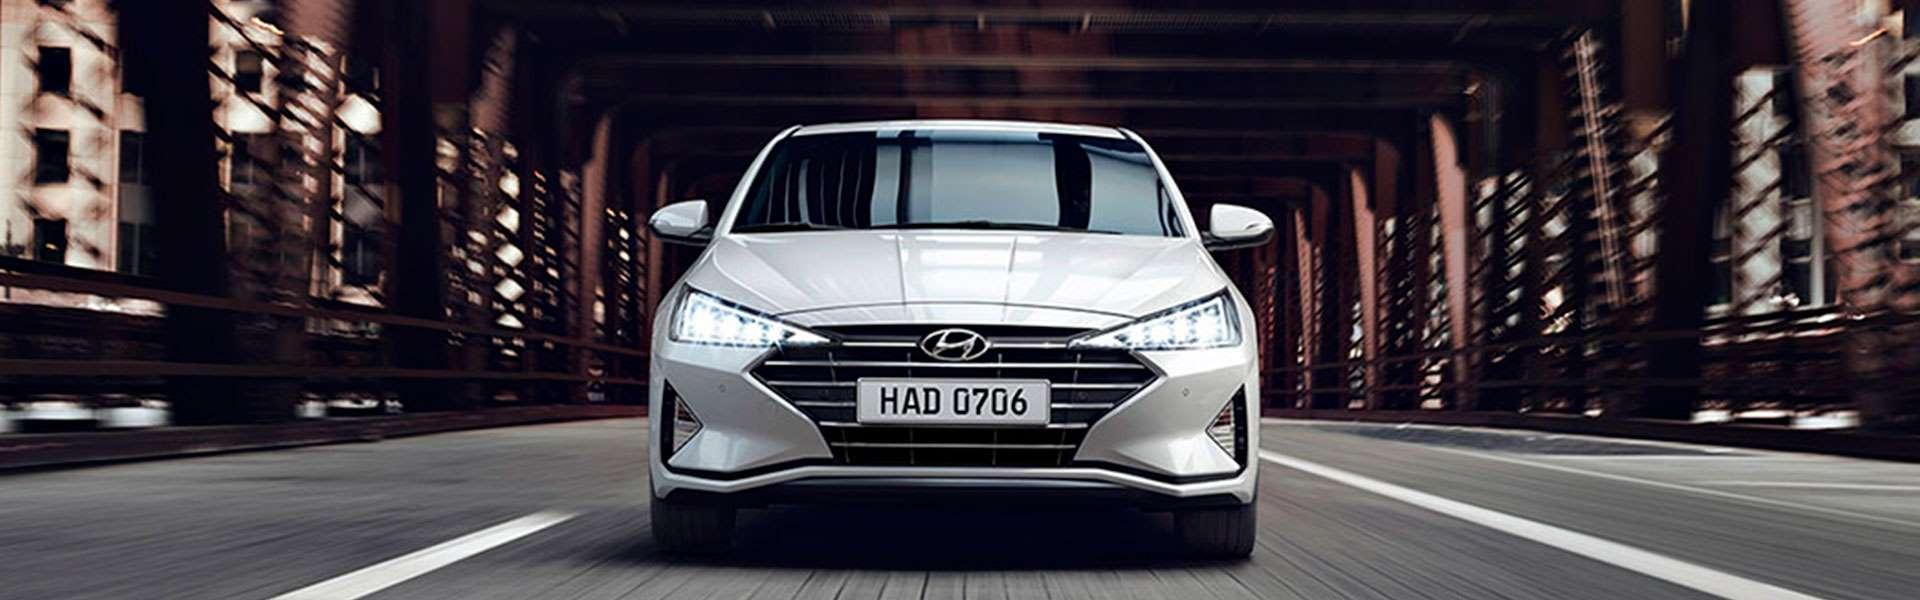 Hyundai Elantra - обзор